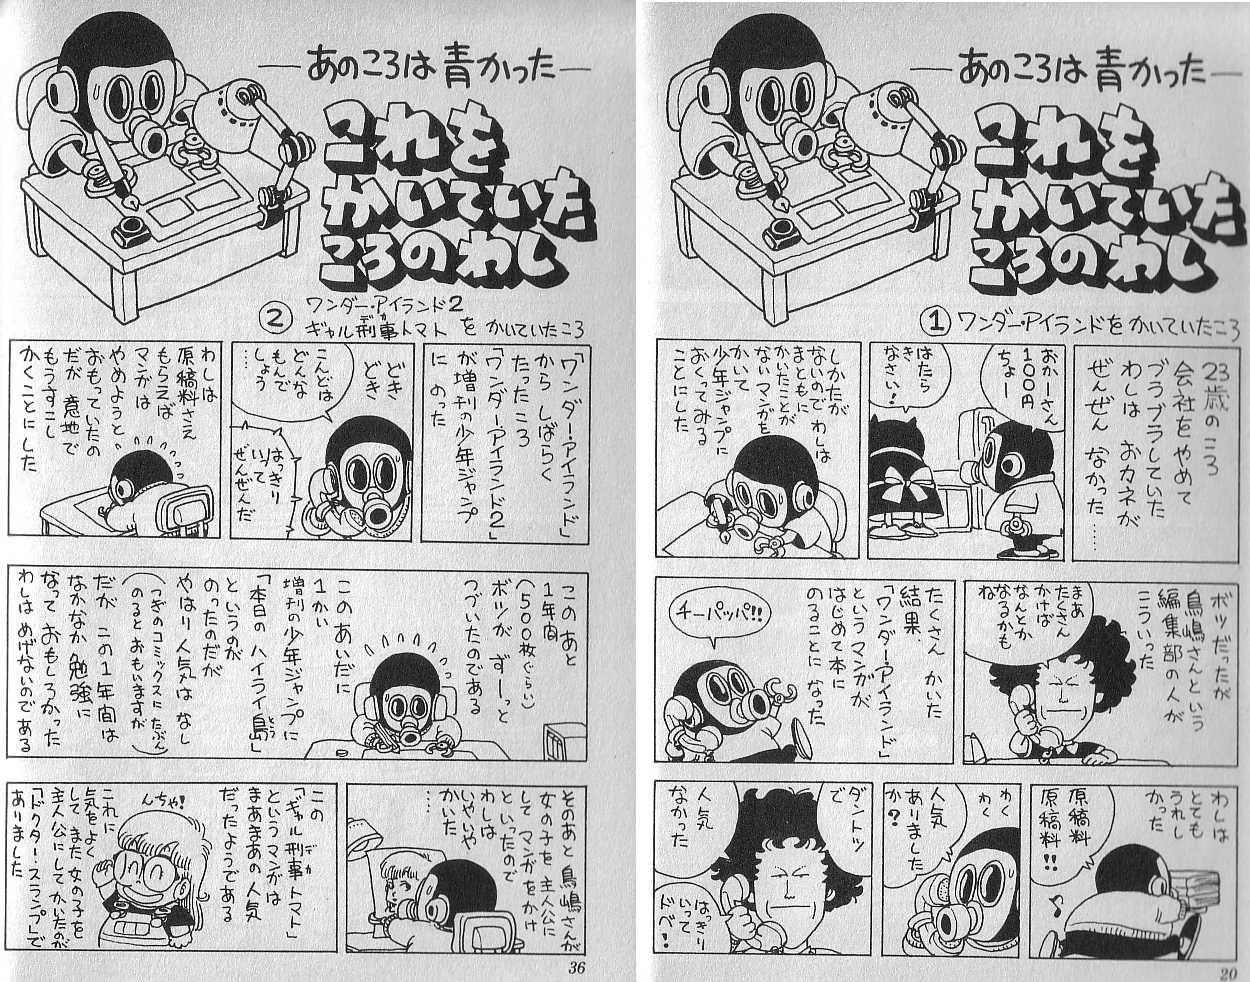 鳥山明も23歳ニートから 初めて漫画描いて 1年後に『Drスランプ』を描いた。お前らも諦めるな